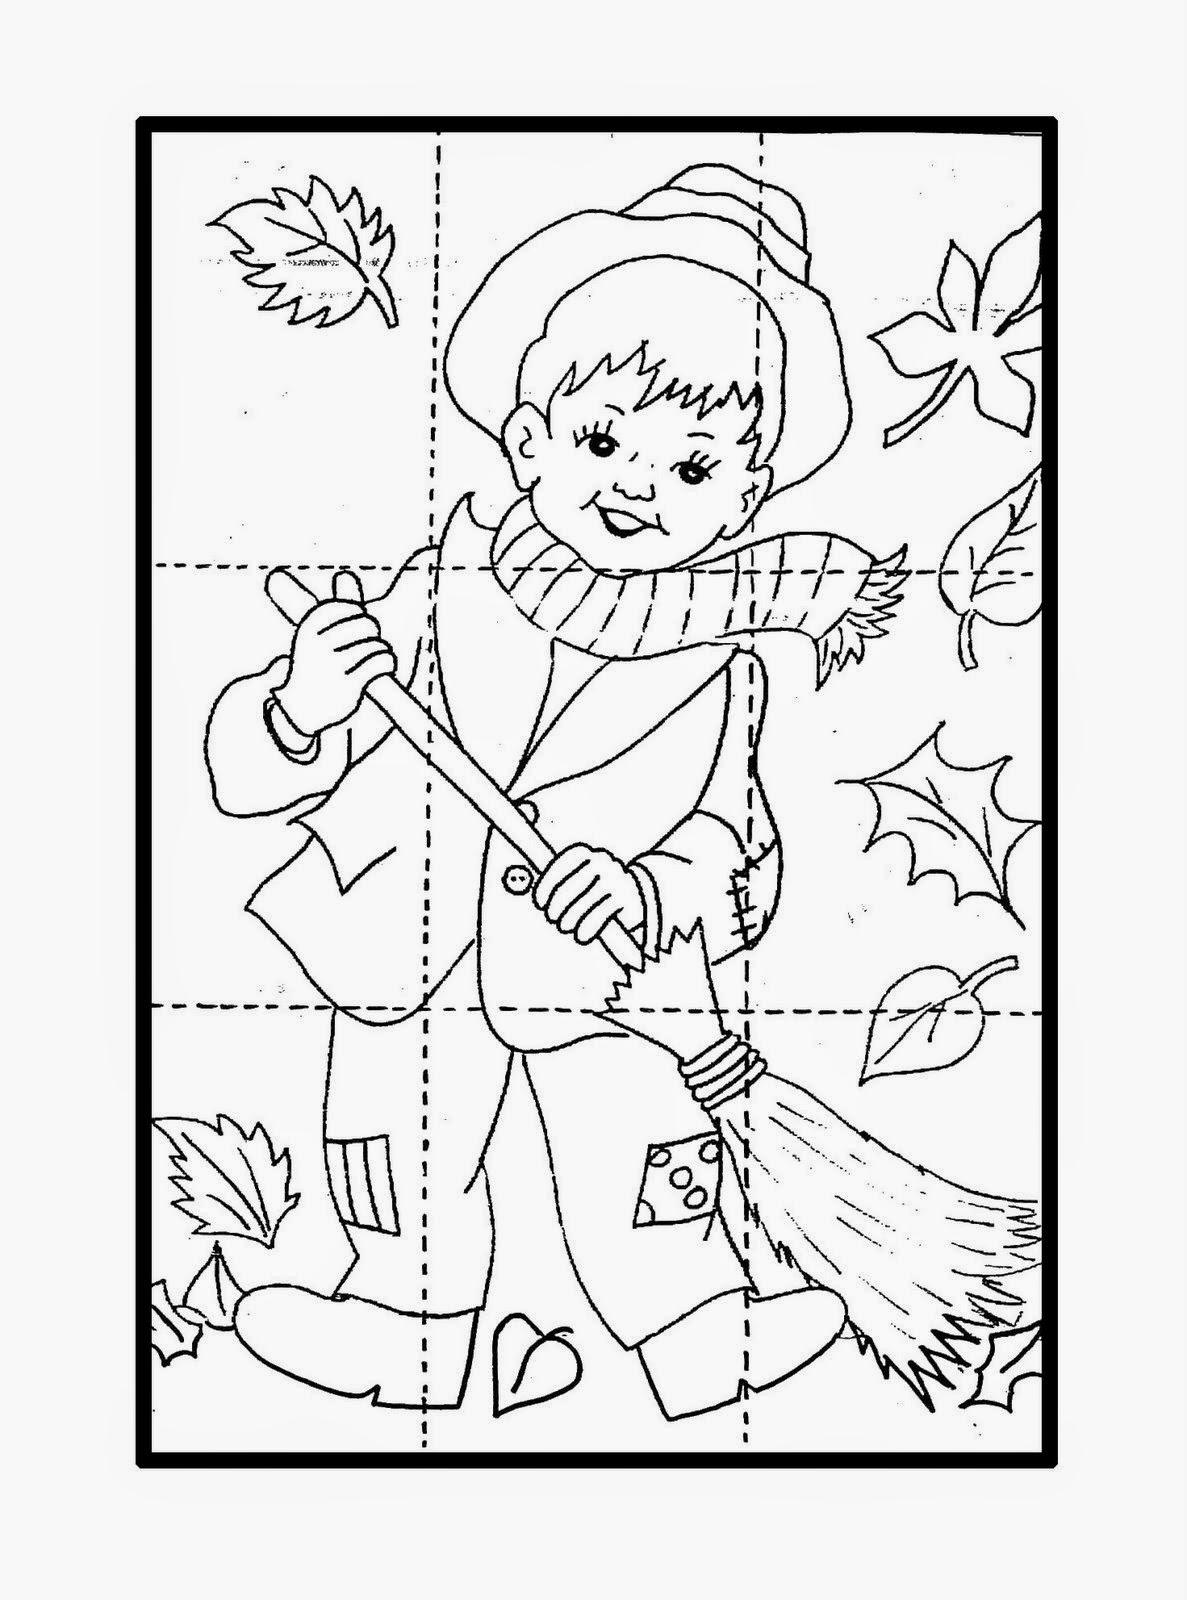 Dibujos Para Colorear Maestra De Infantil Y Primaria Puzzles Sencillos Para Colorear